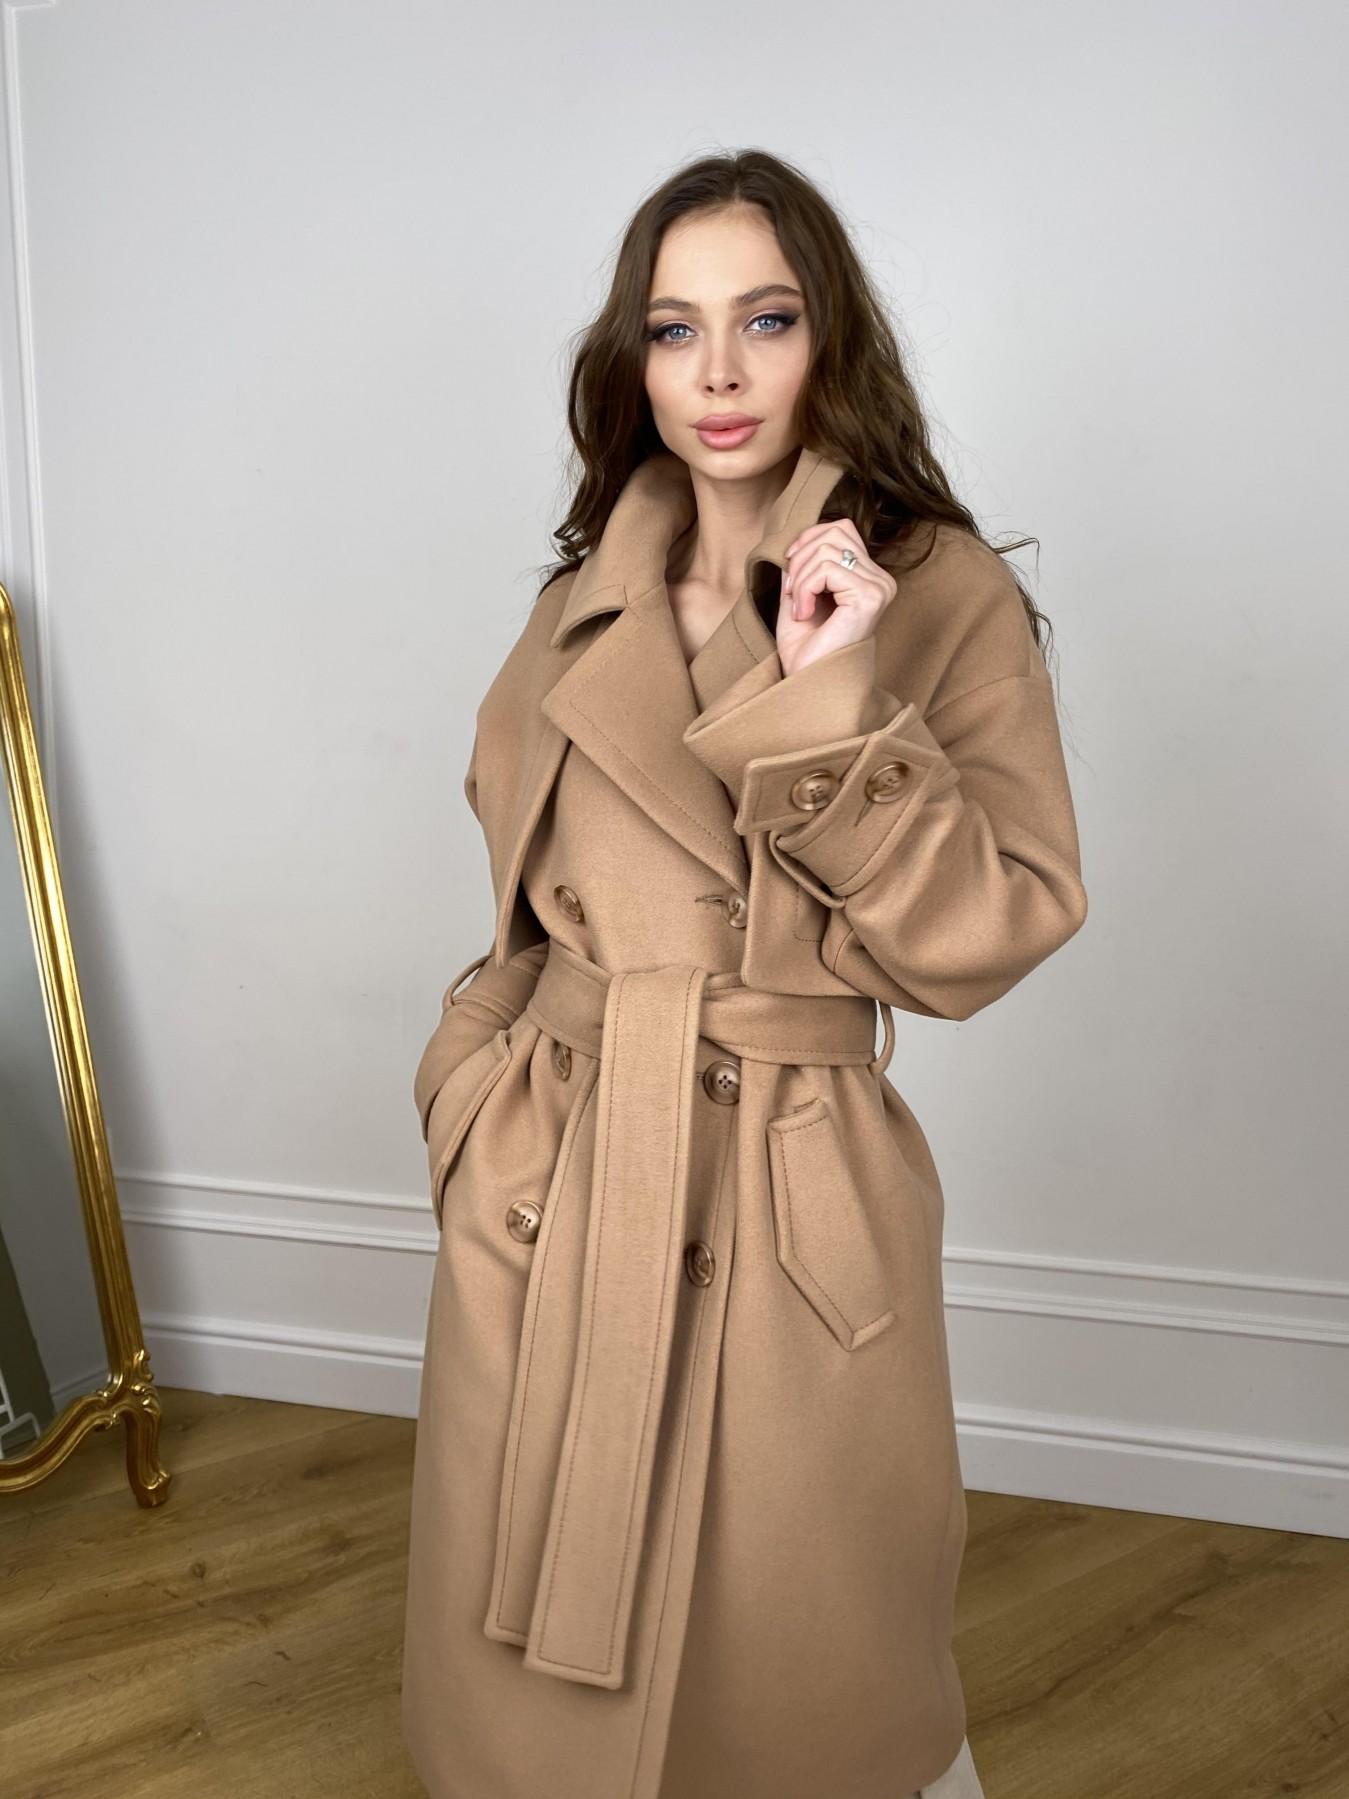 Твин макси пальто демисезонное кашемир 10543 АРТ. 46896 Цвет: Кемел - фото 6, интернет магазин tm-modus.ru